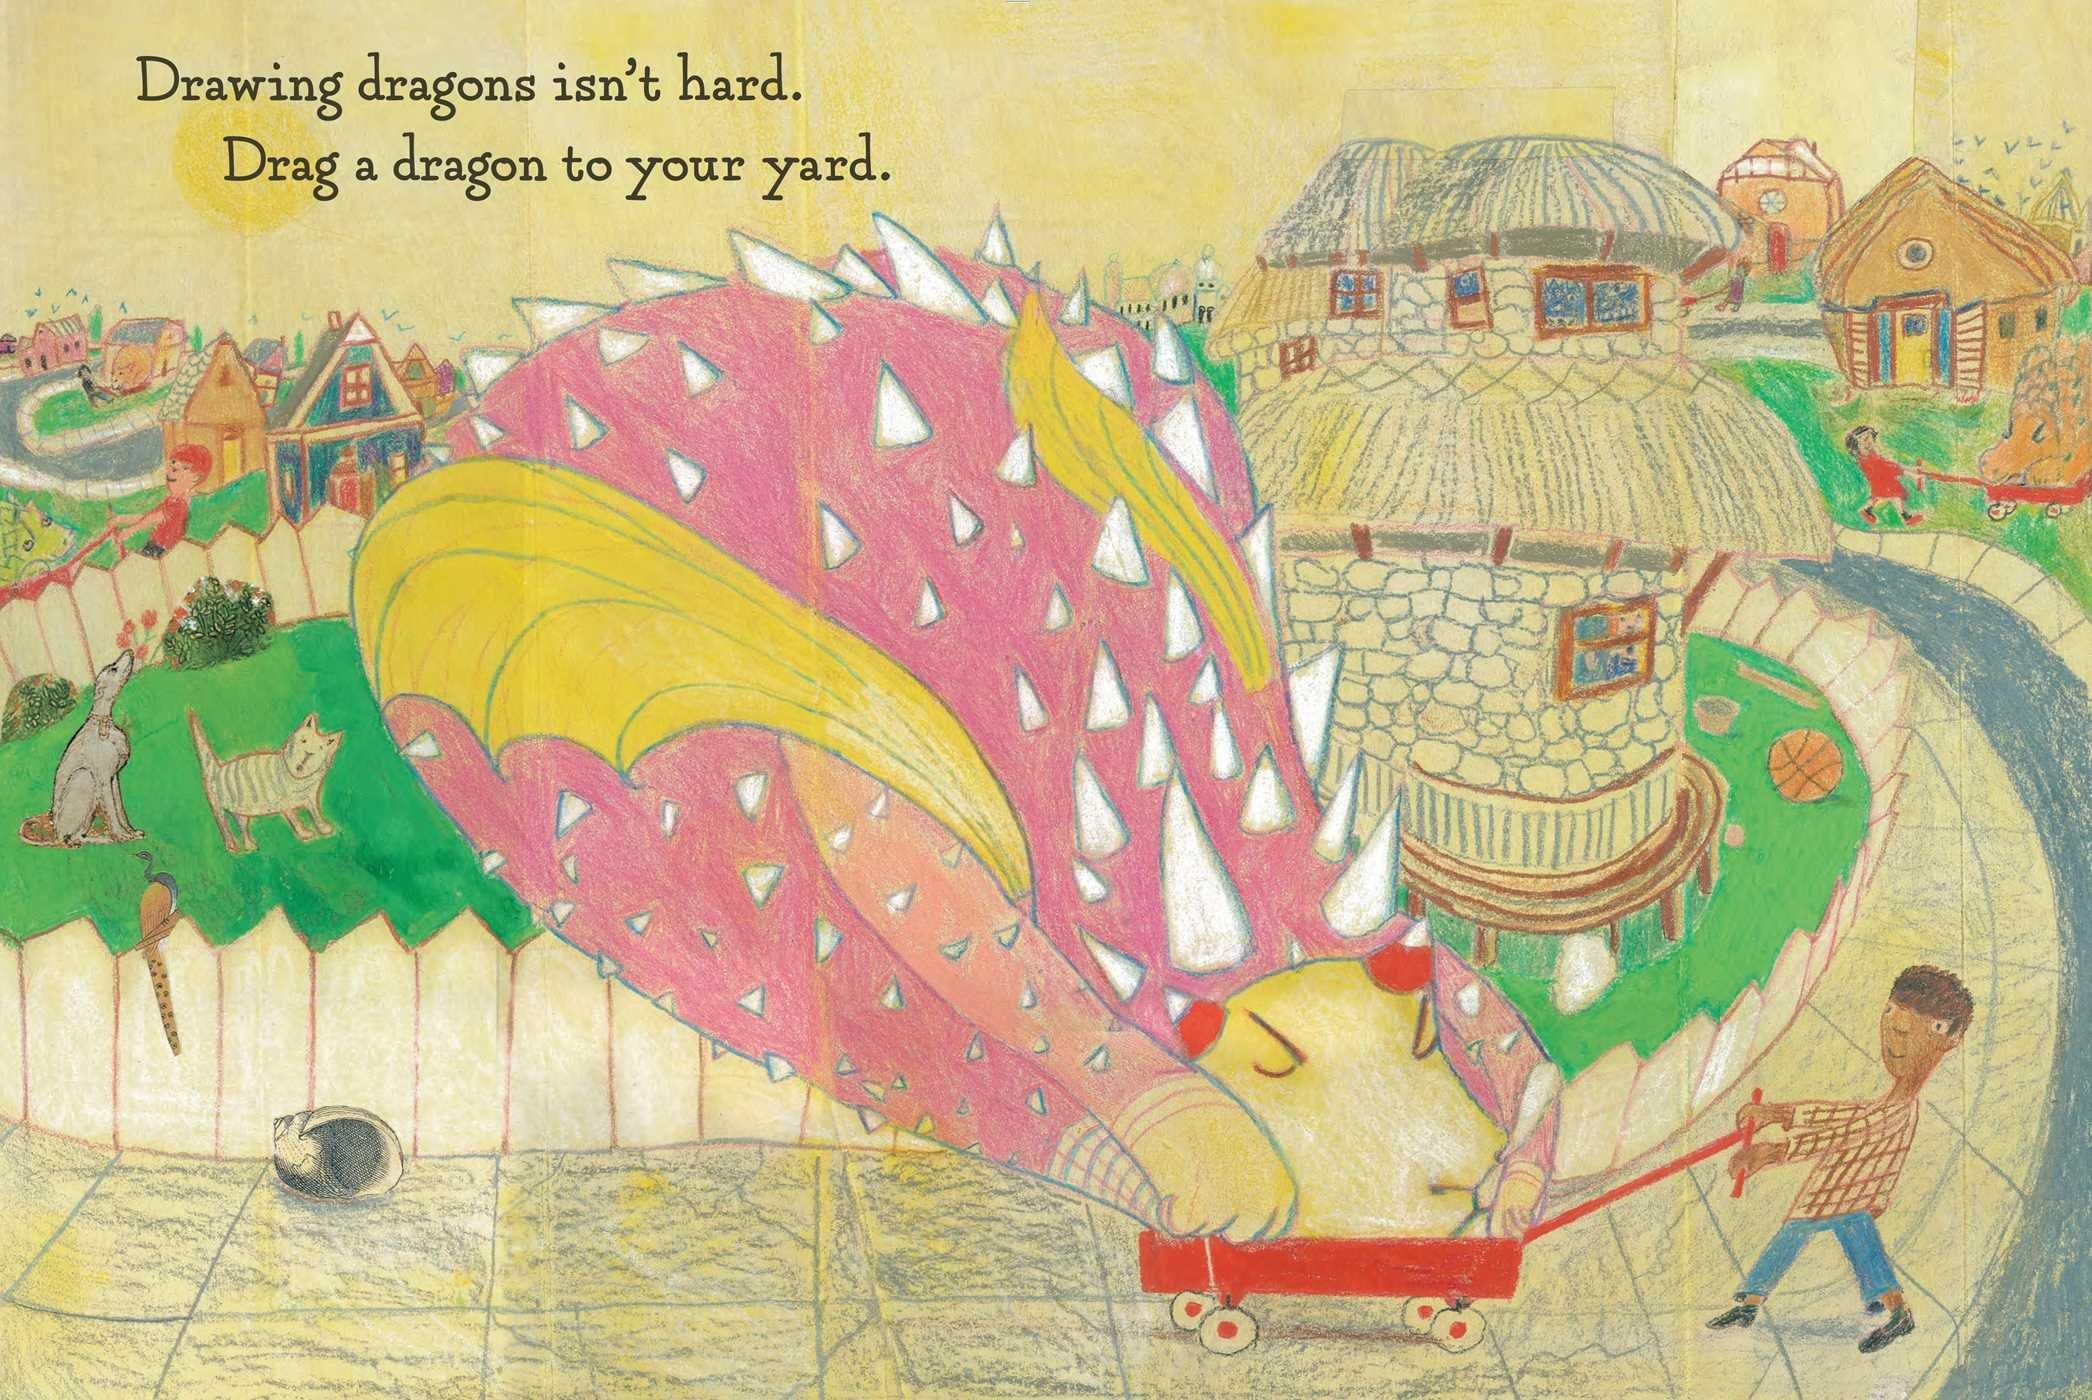 How to draw a dragon douglas florian amazon com au books